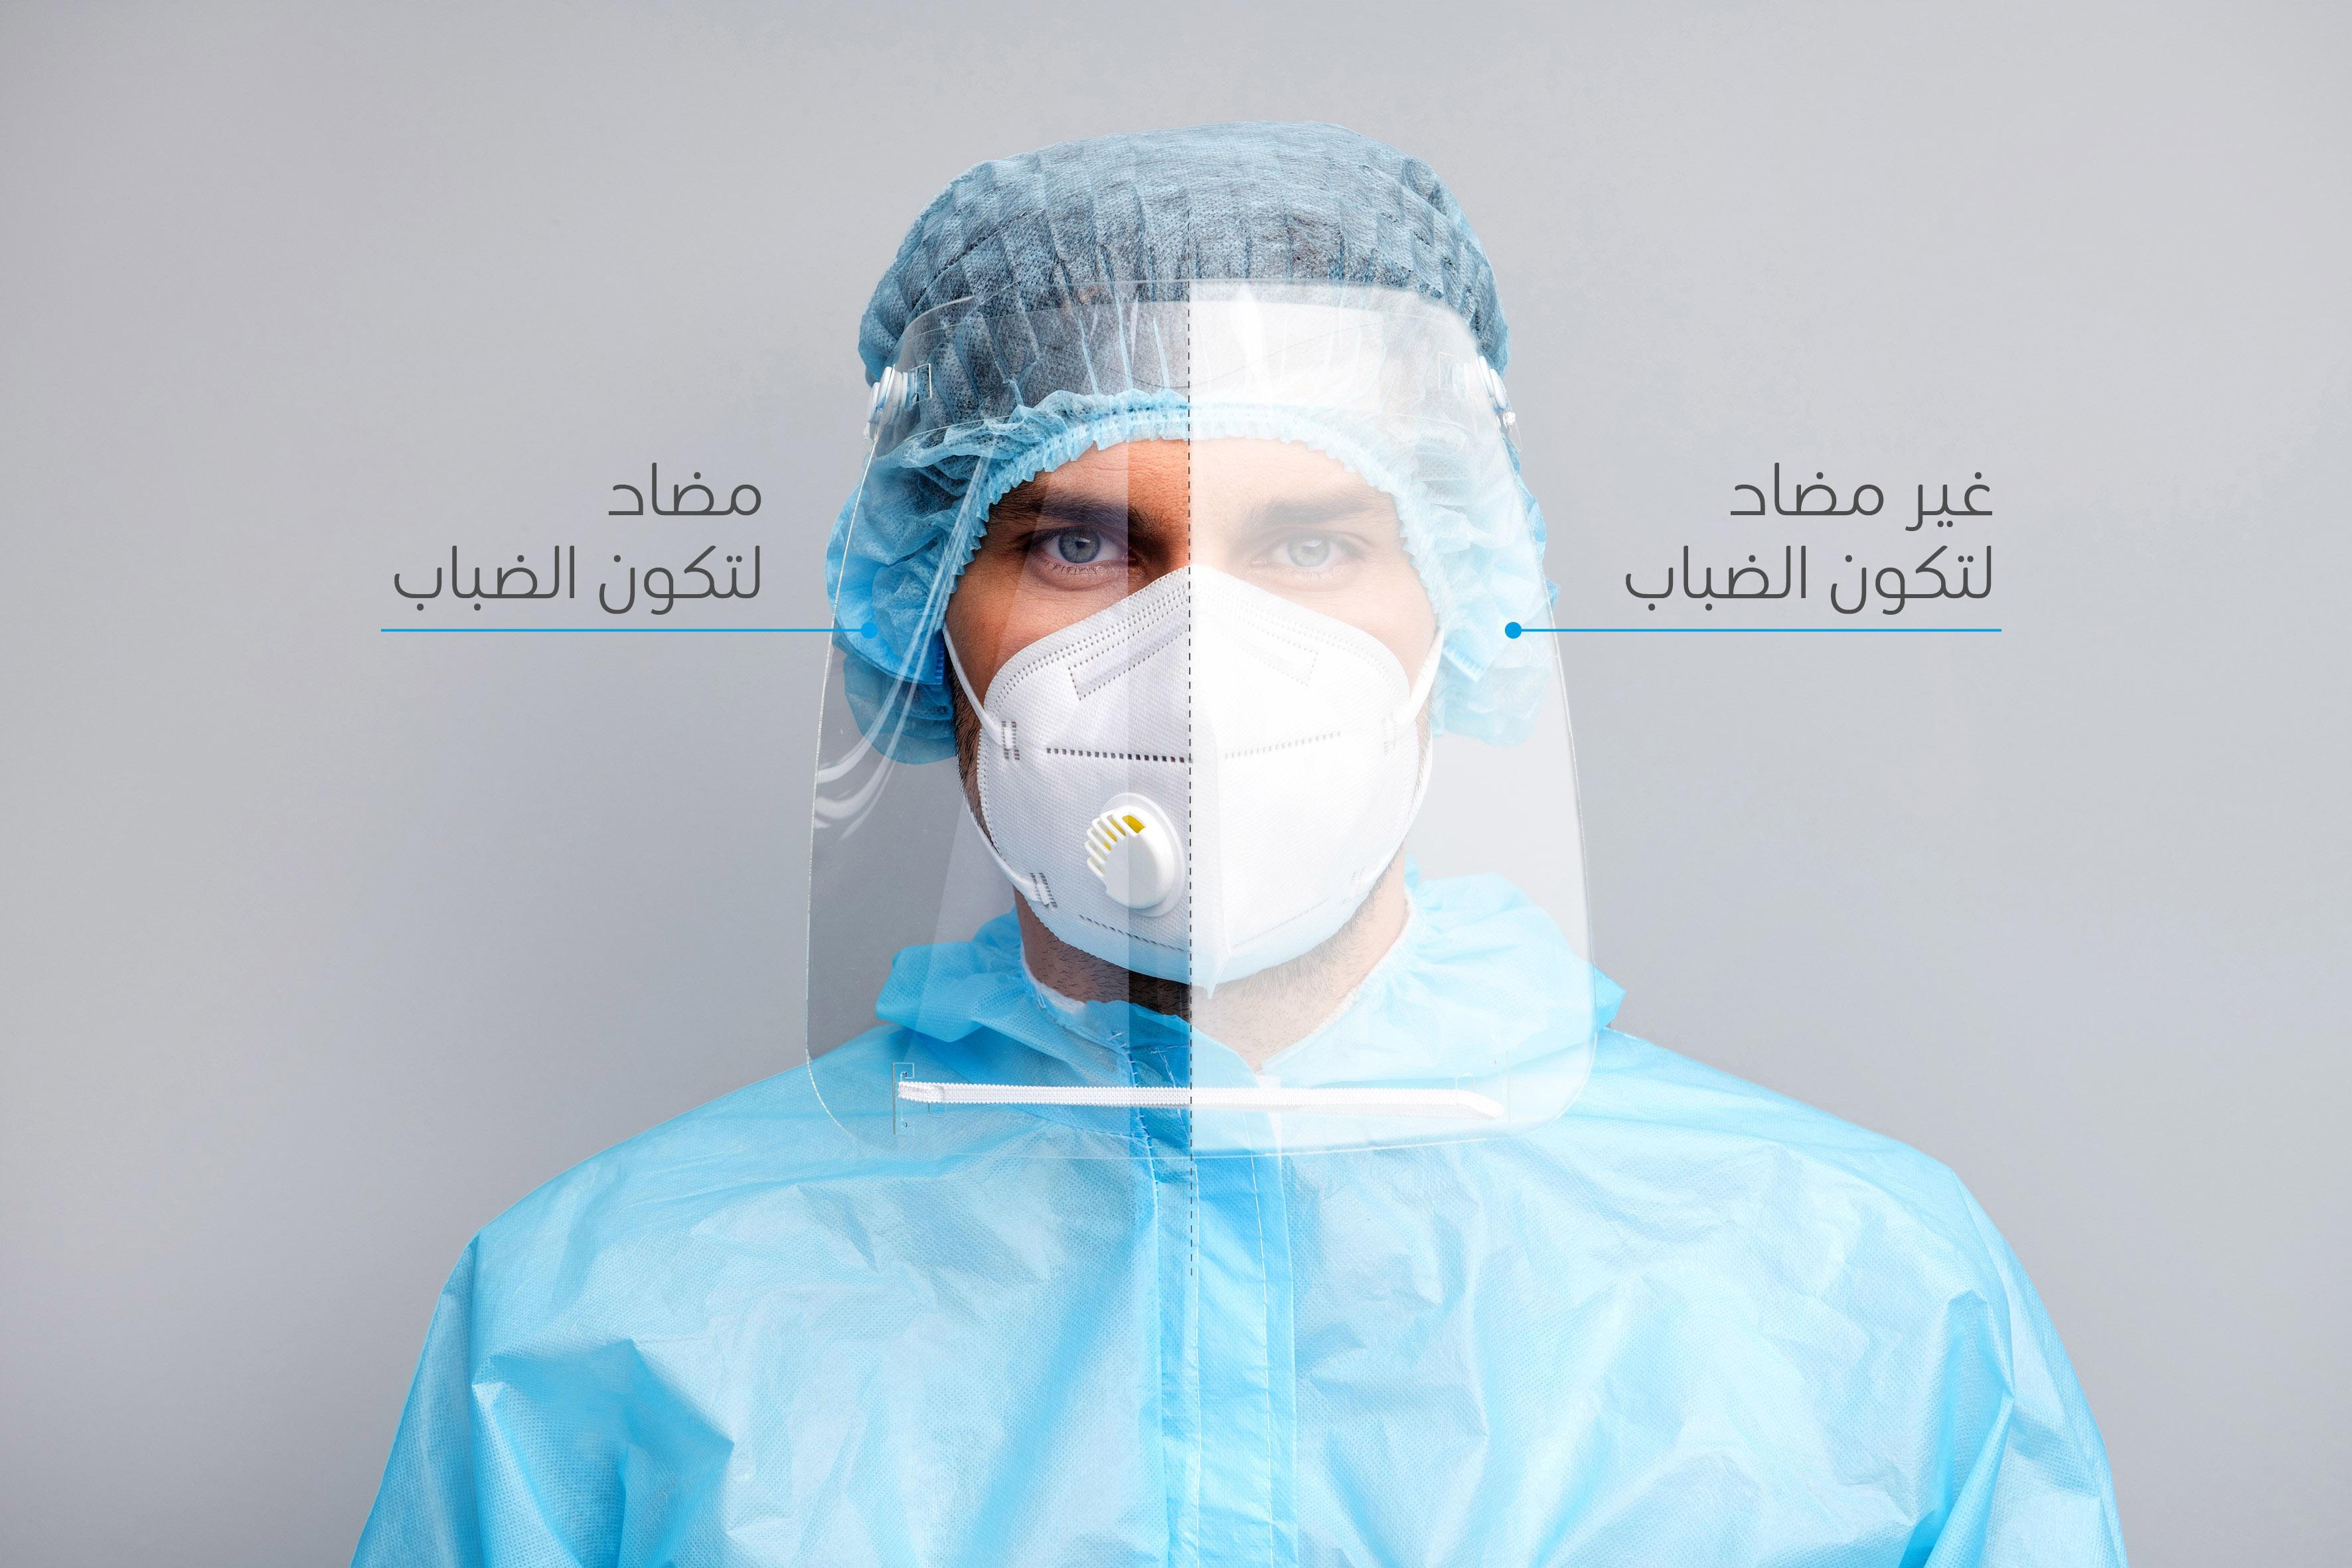 LEXAN Polycarbonate HP92AF Anti-Fog Film - Medical - Male - Arabic